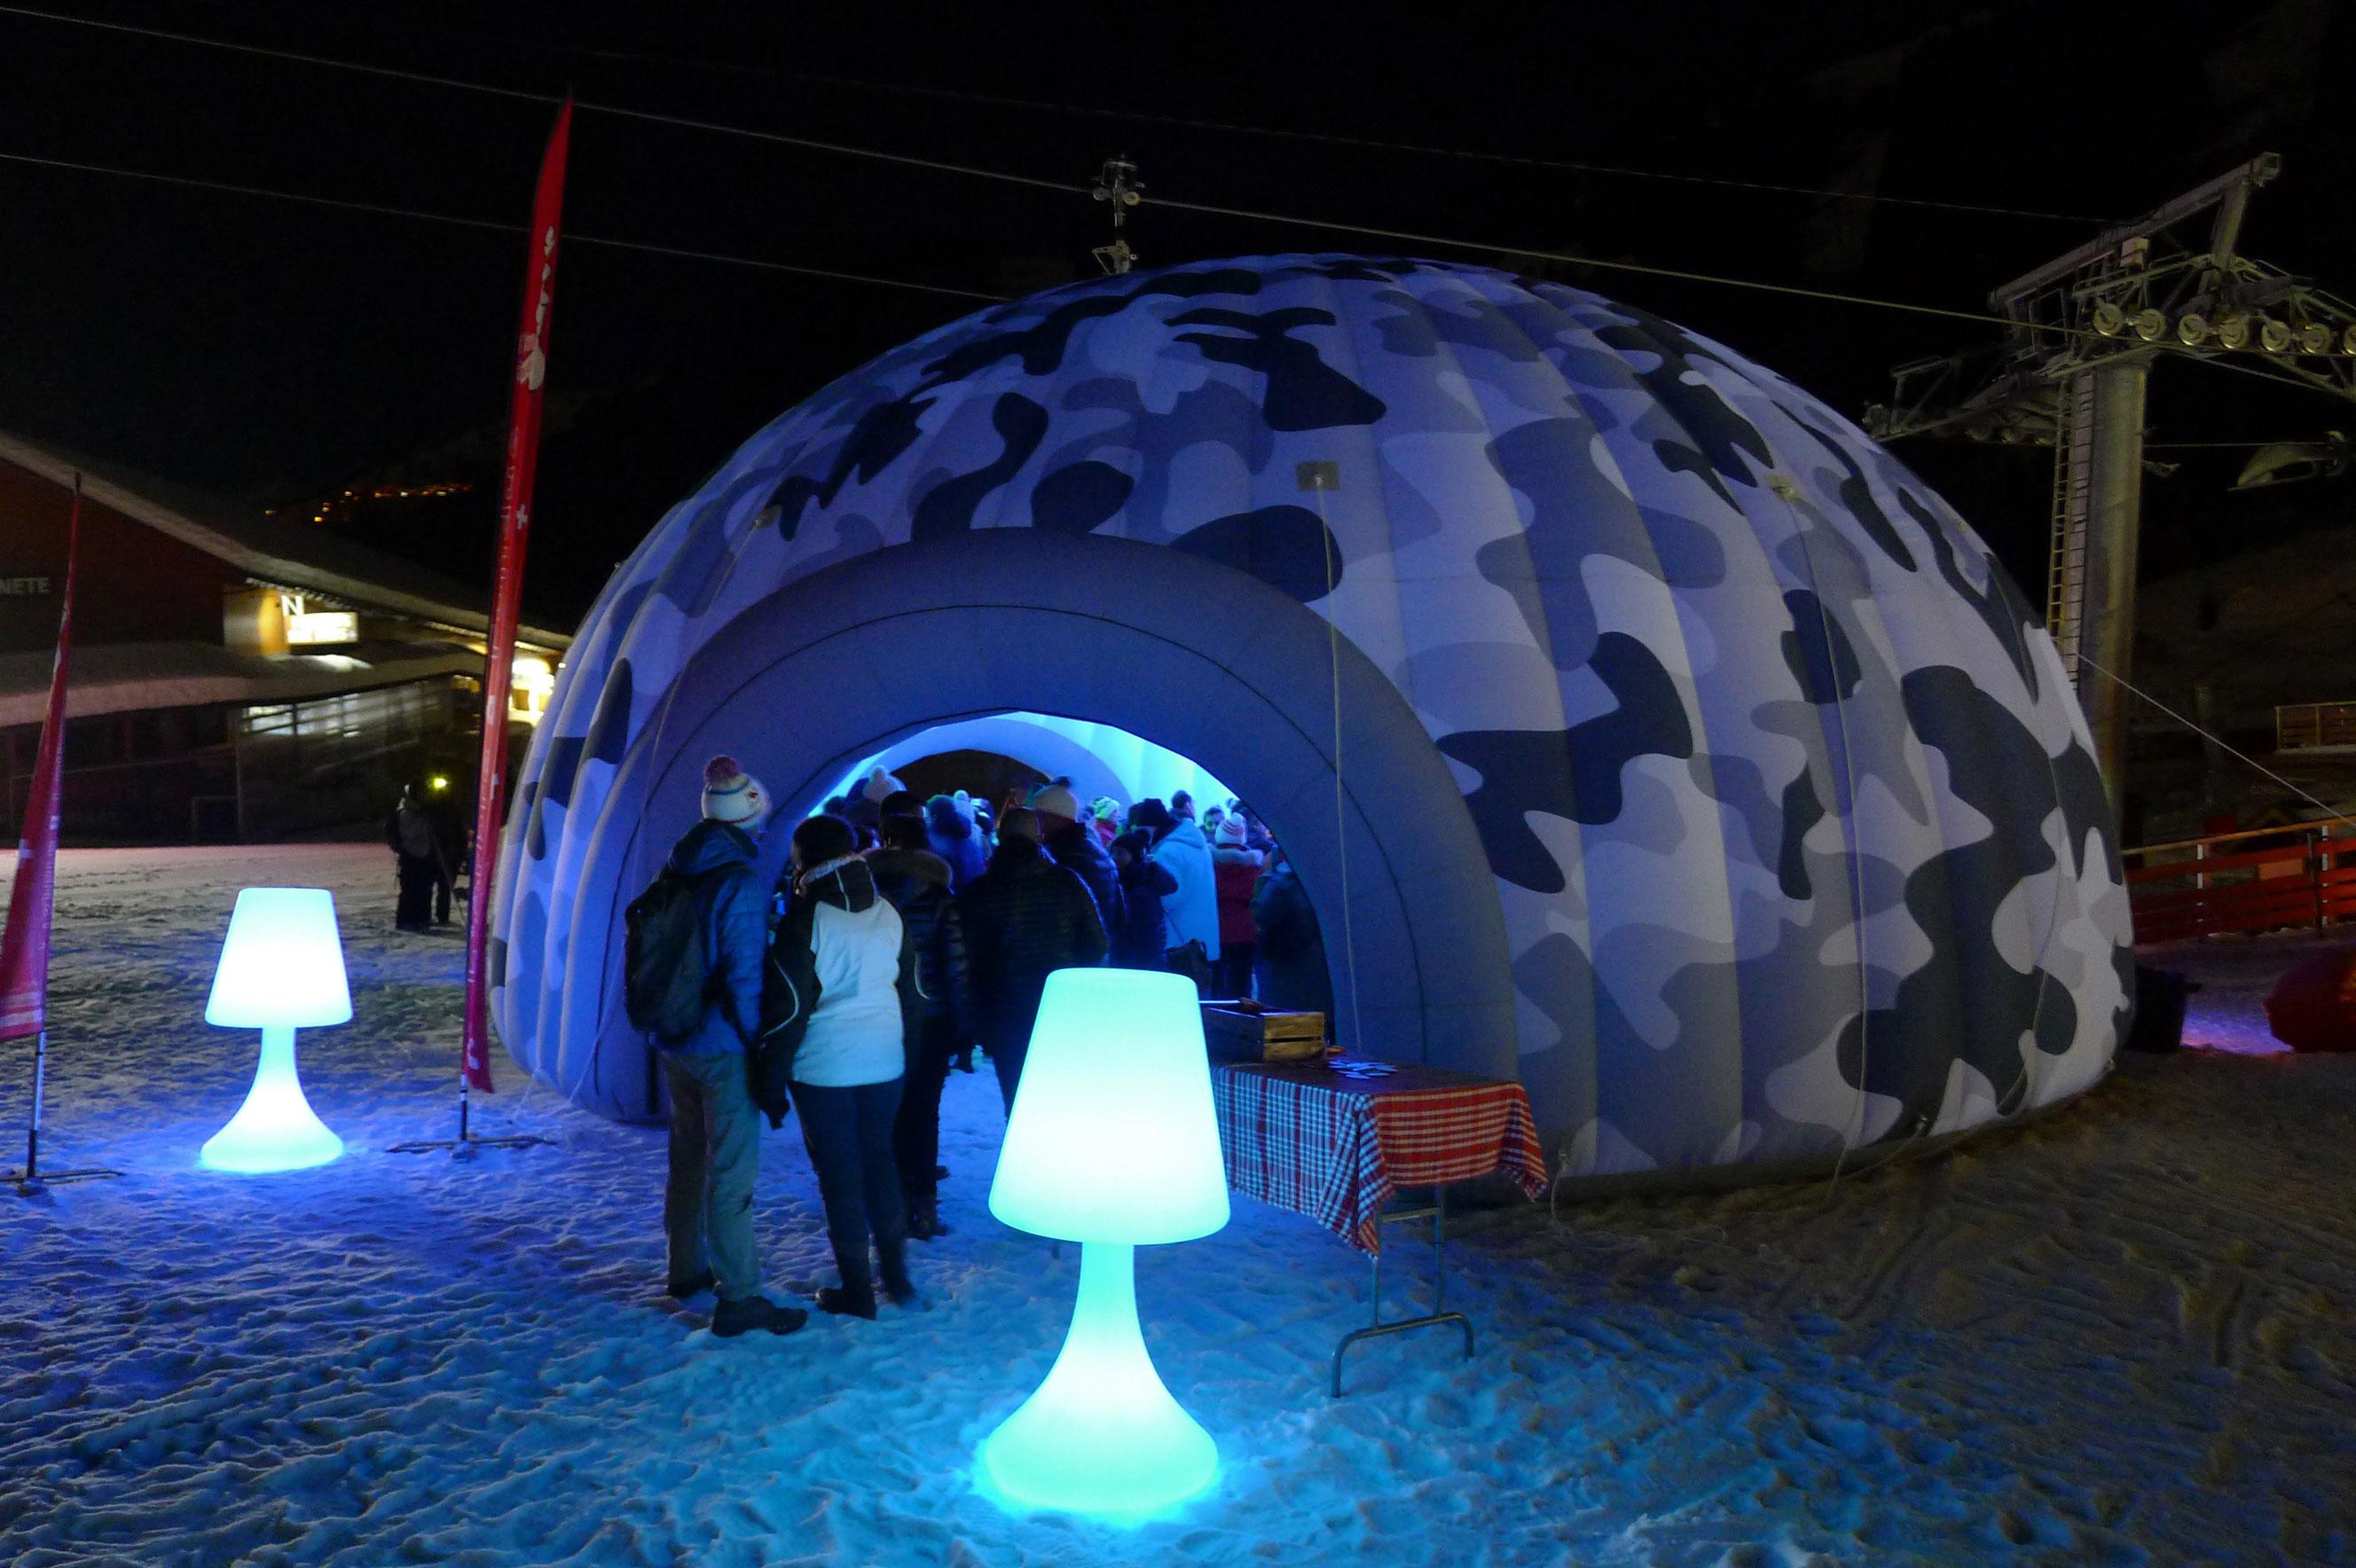 Ce qu'un igloo gonflable peut apporter à votre événement